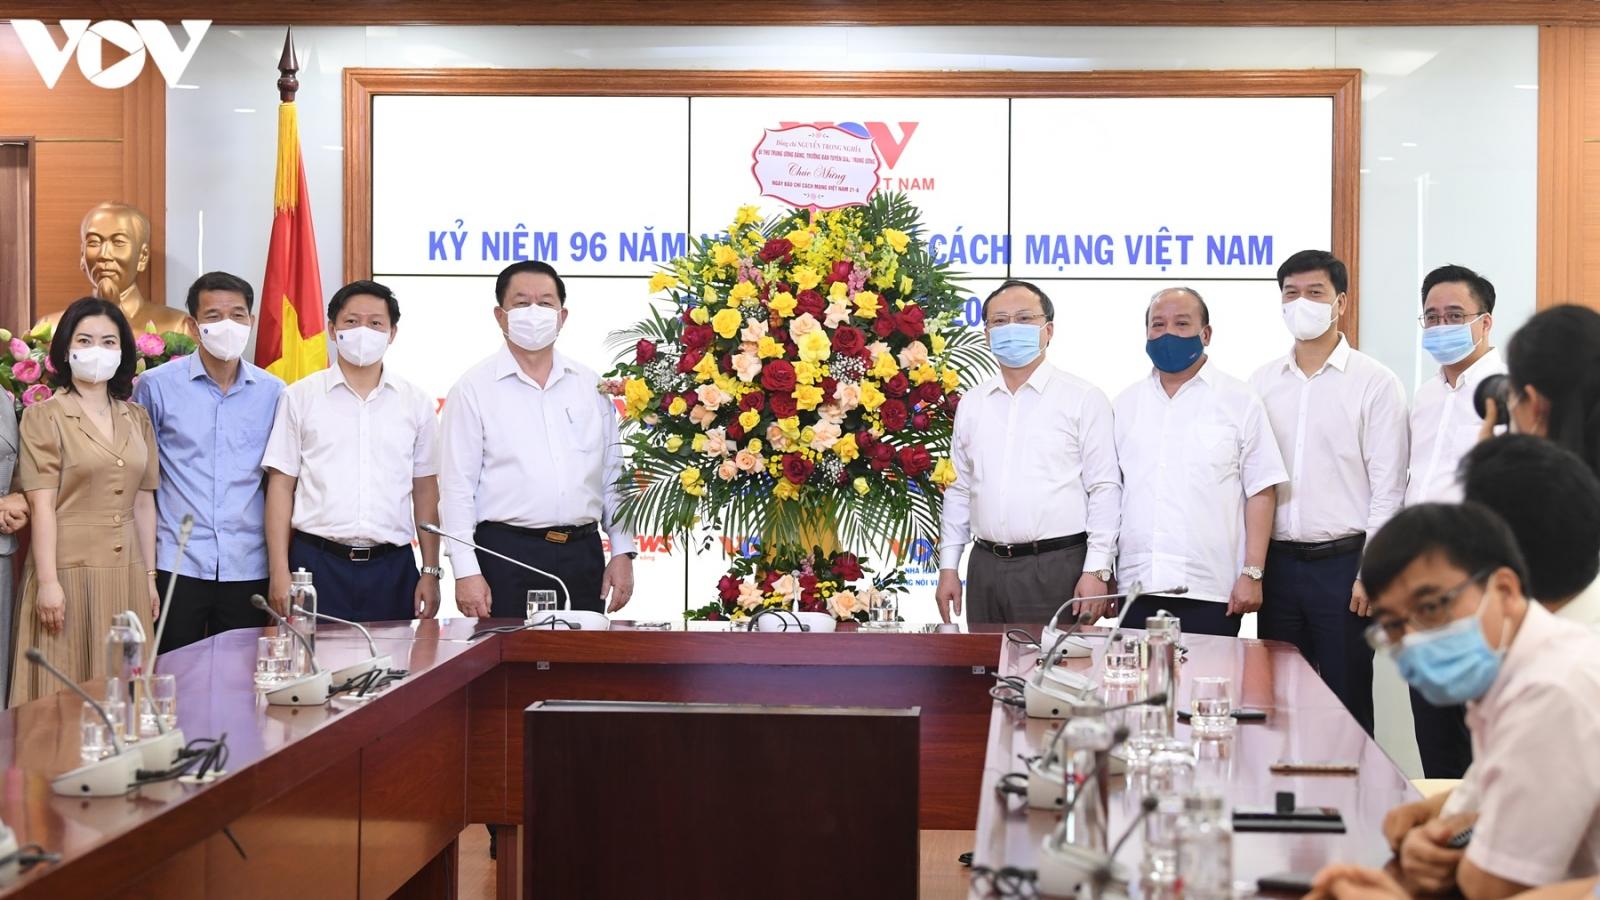 Trưởng Ban Tuyên giáo Trung ương chúc mừng VOV nhân Ngày Báo chí Cách mạng Việt Nam